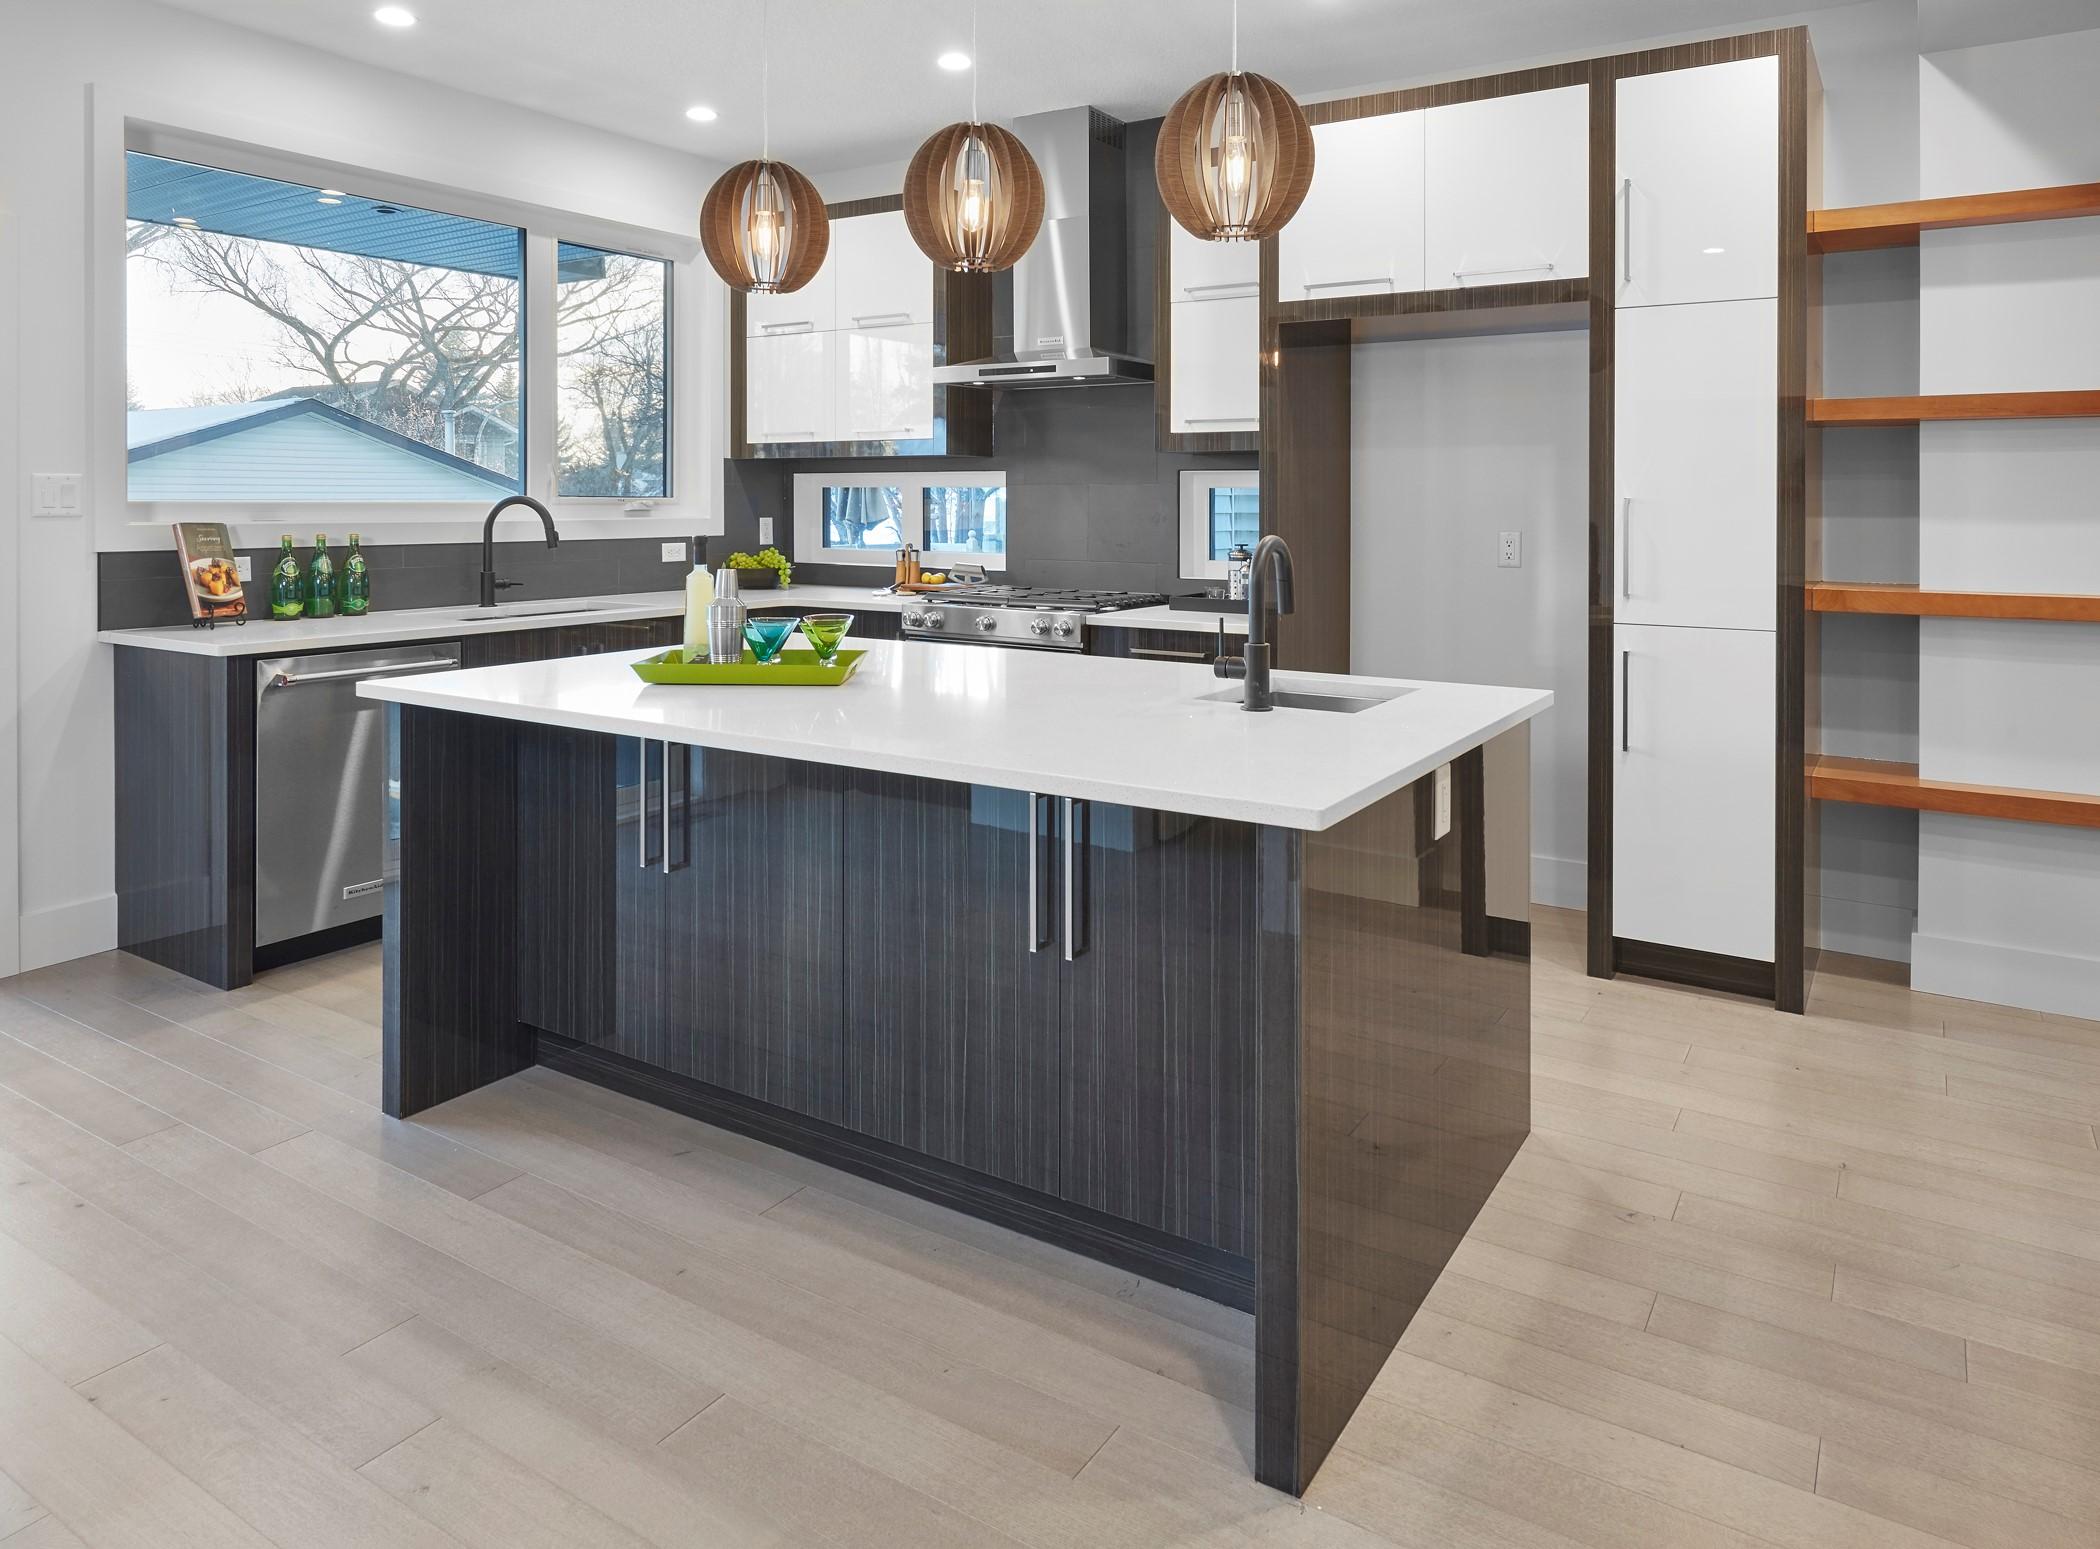 kitchen4 - Copy.jpg